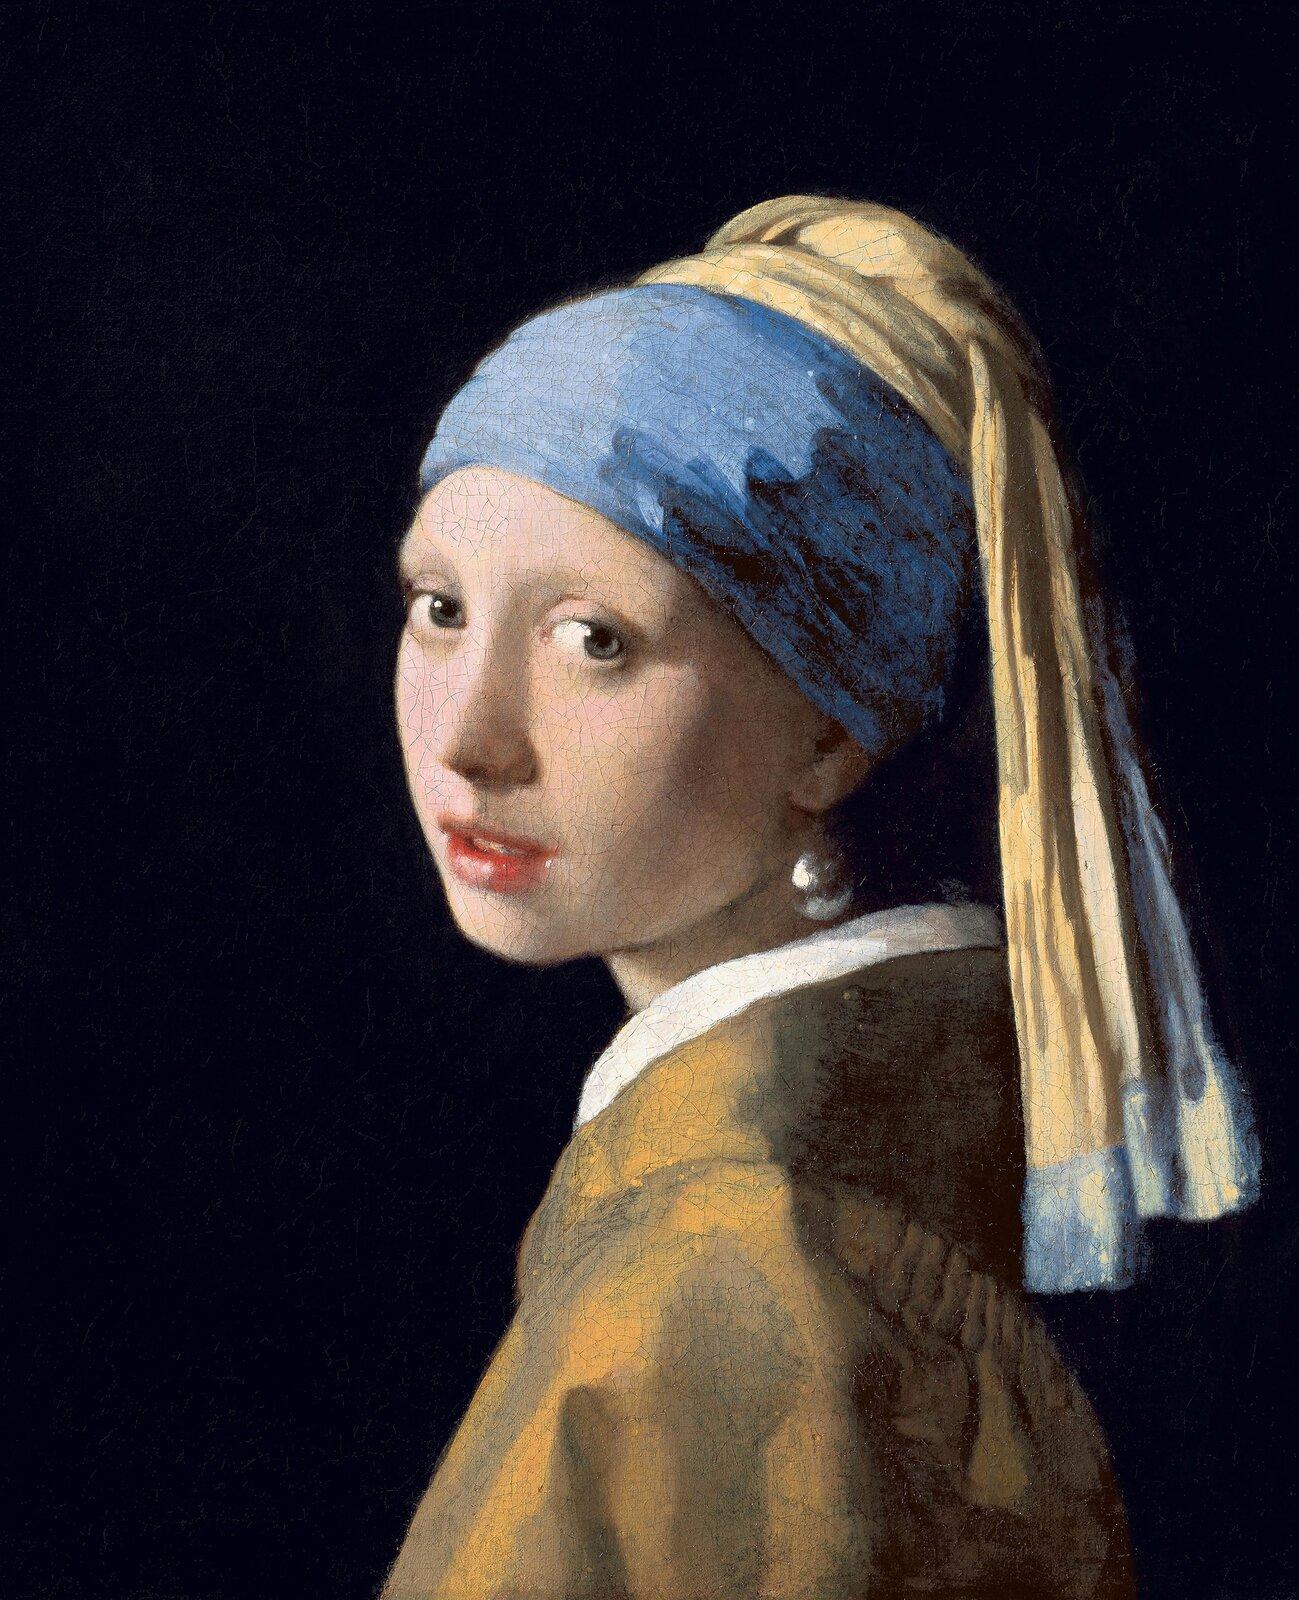 Dziewczyna zperłą Źródło: Jan Vermeer, Dziewczyna zperłą, 1664–1665, olej na półtnie, domena publiczna.